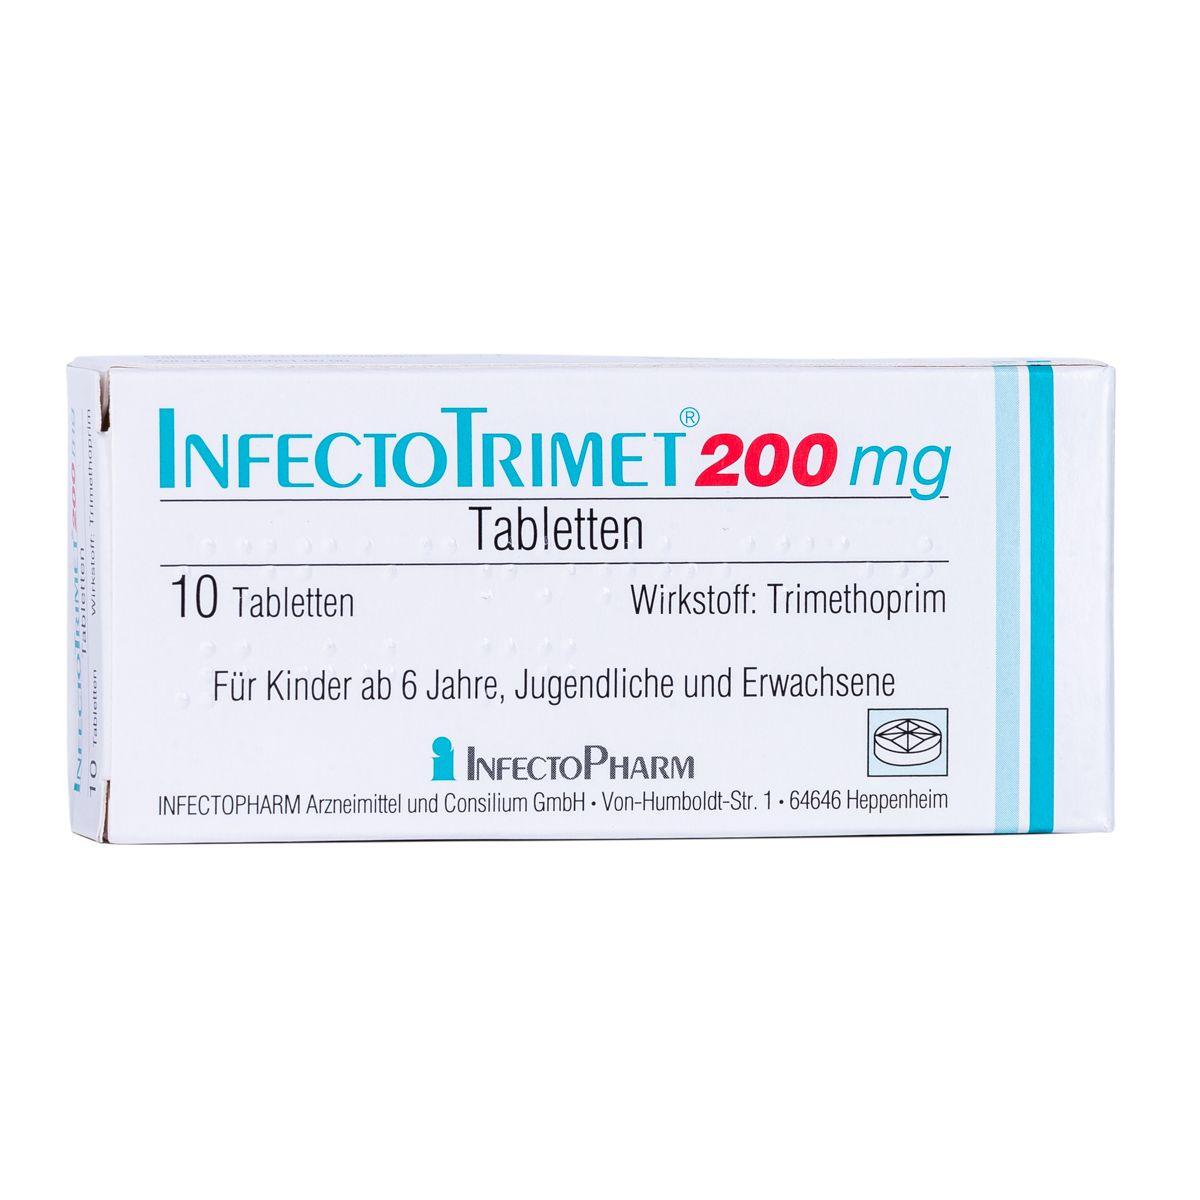 InfectoTrimet